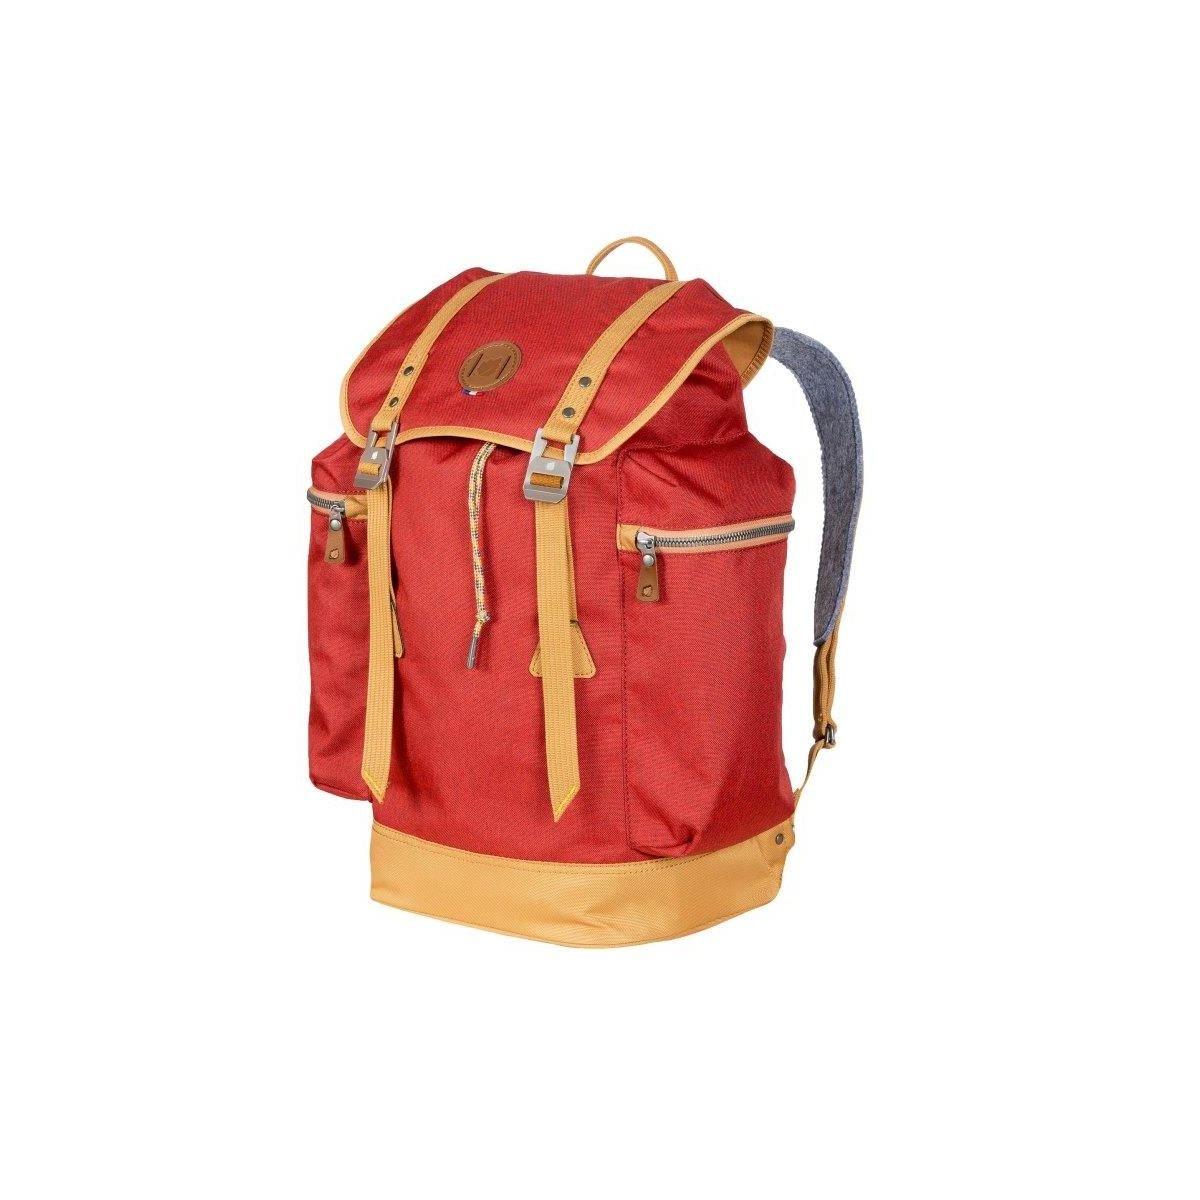 ラフマロリジナル2pバックパック - 鮮やかな赤、サイズU   B0763NLG3C